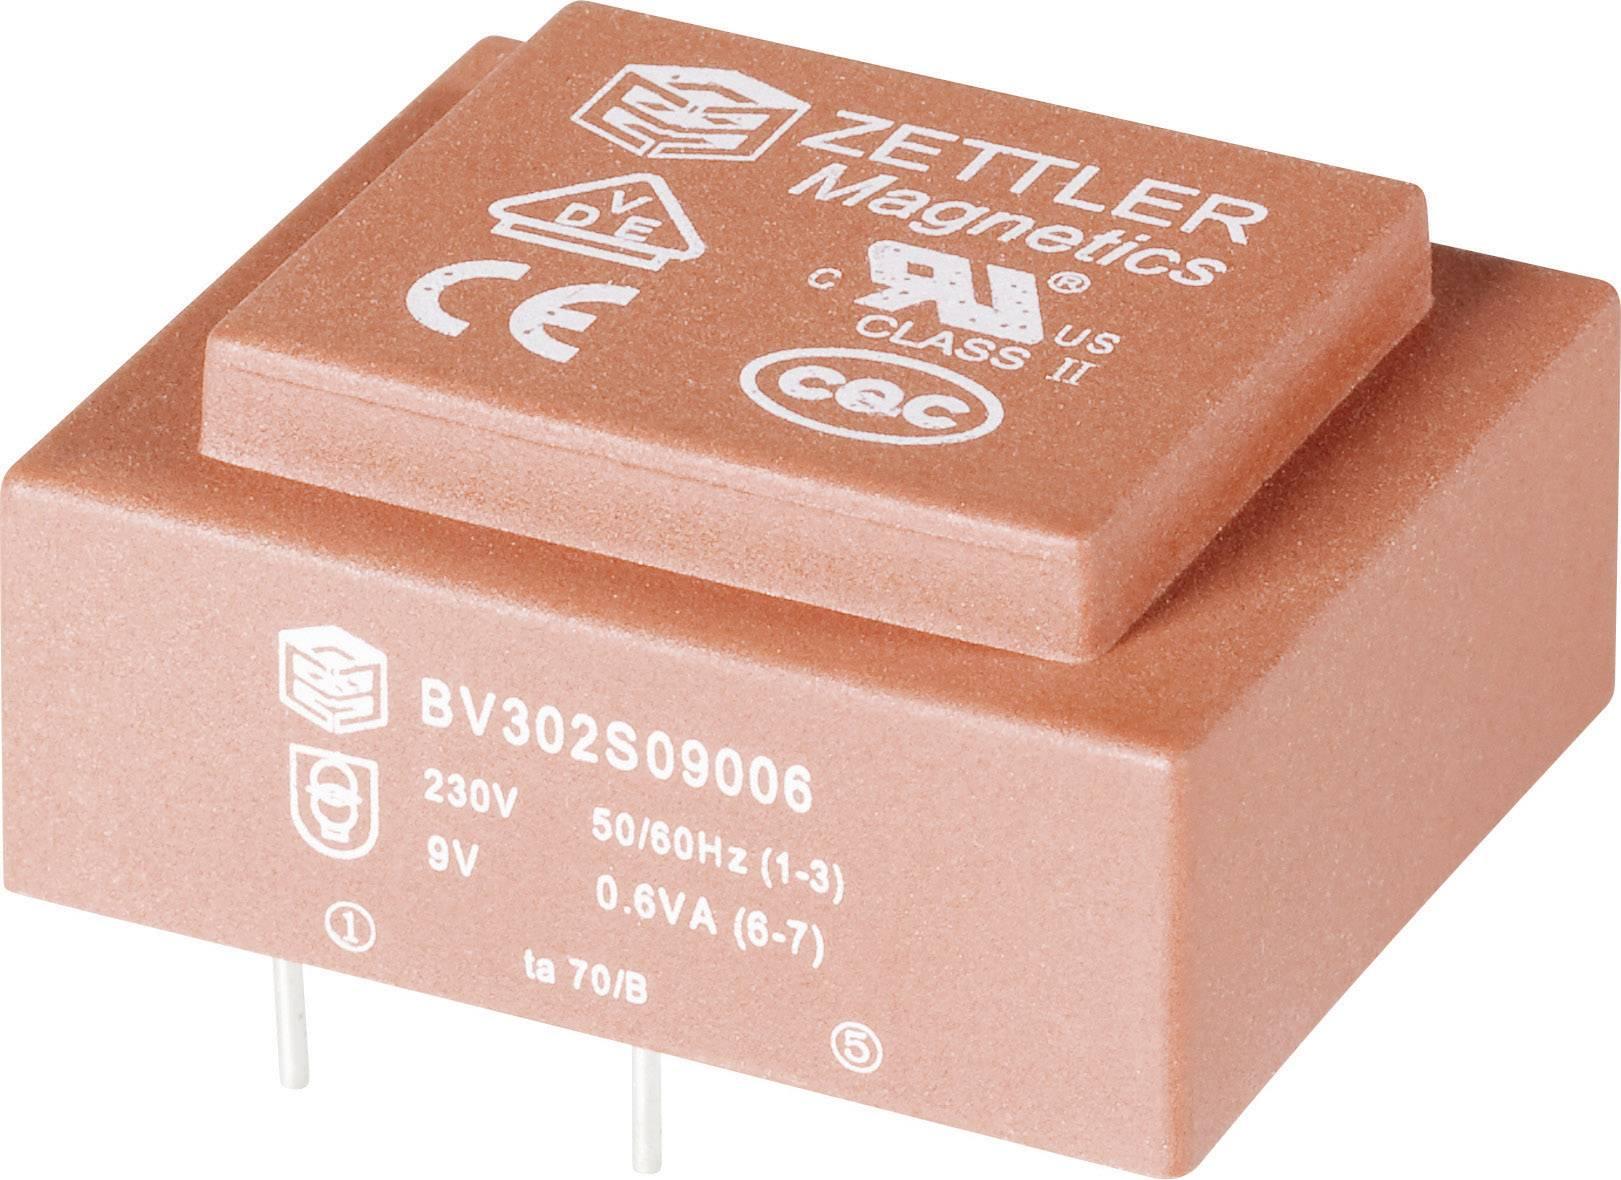 Transformátor do DPS Zettler Magnetics BV302D24010, 1 VA